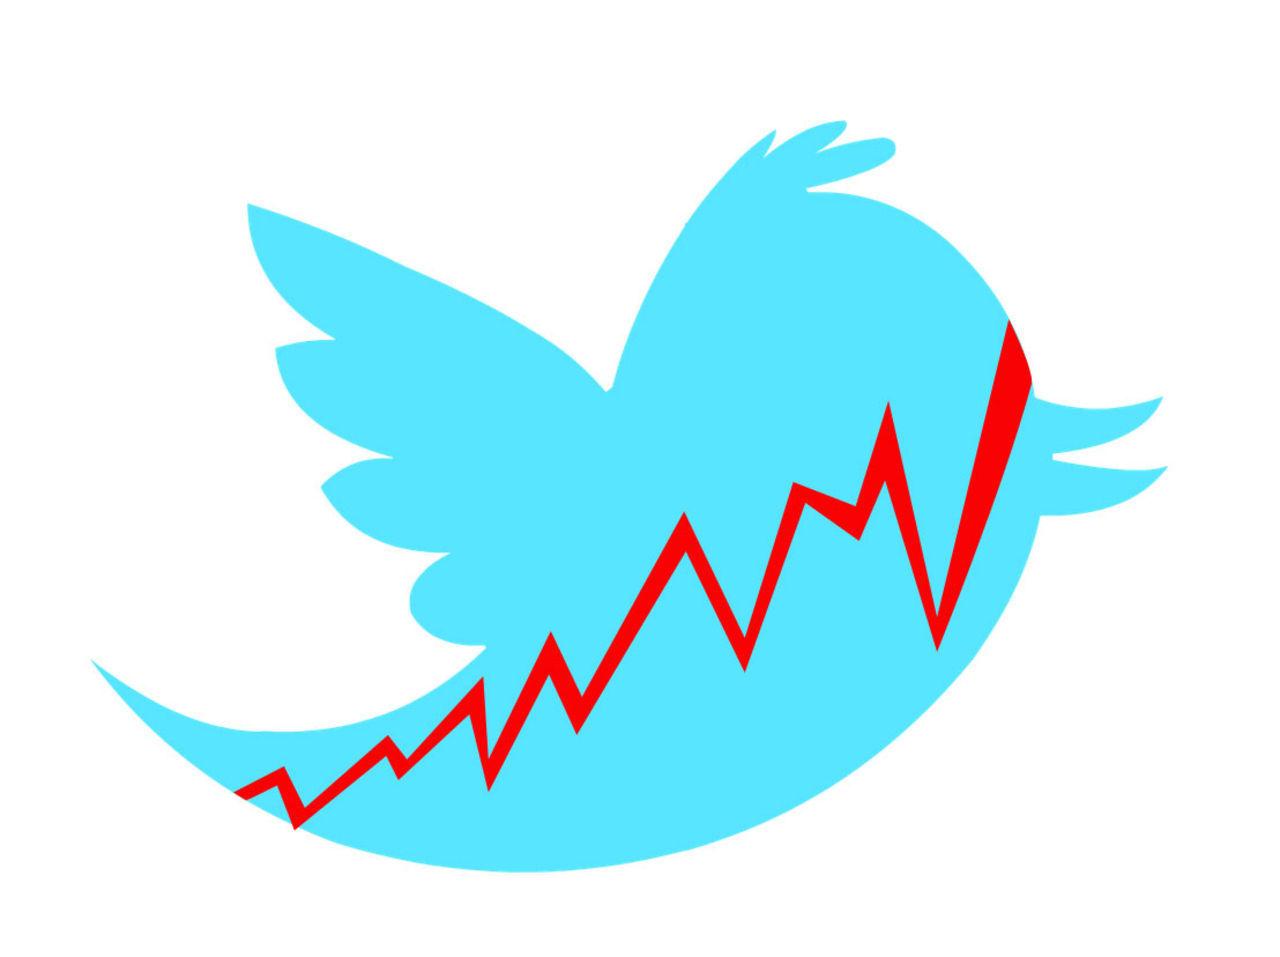 Twitter börsintroduceras idag